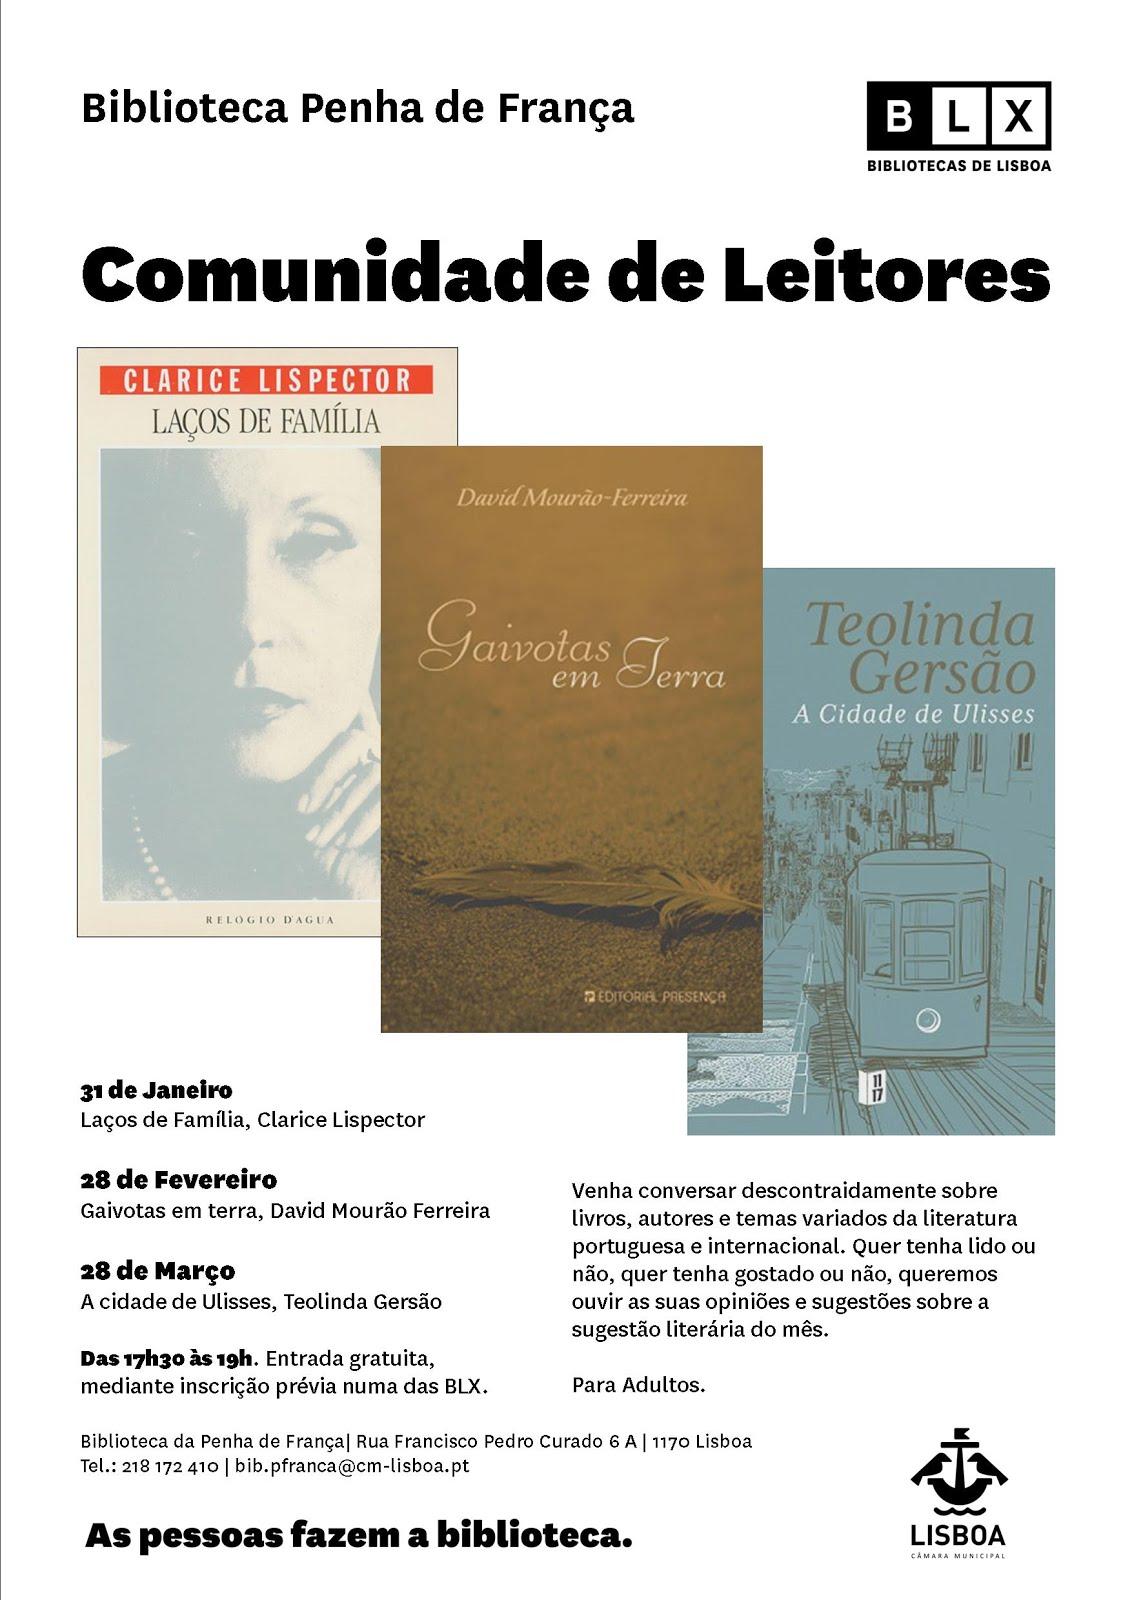 Comunidade de Leitores